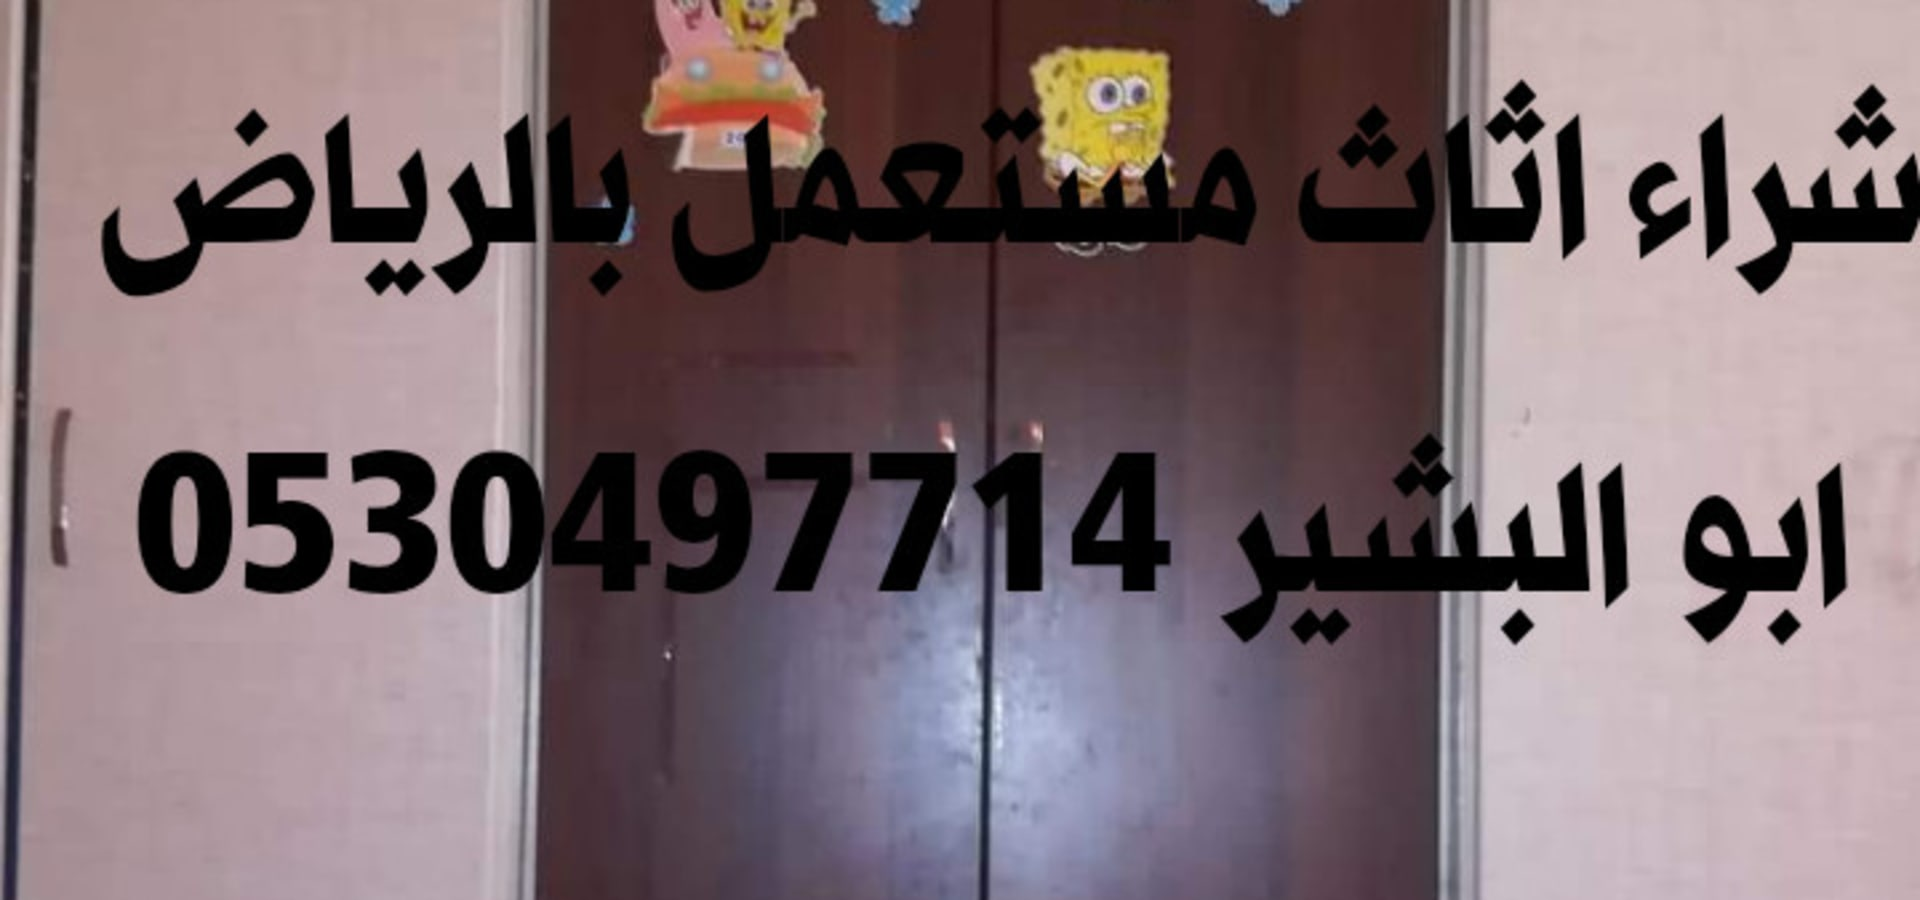 شراء اثاث مستعمل بالرياض ابو البشير0530497714